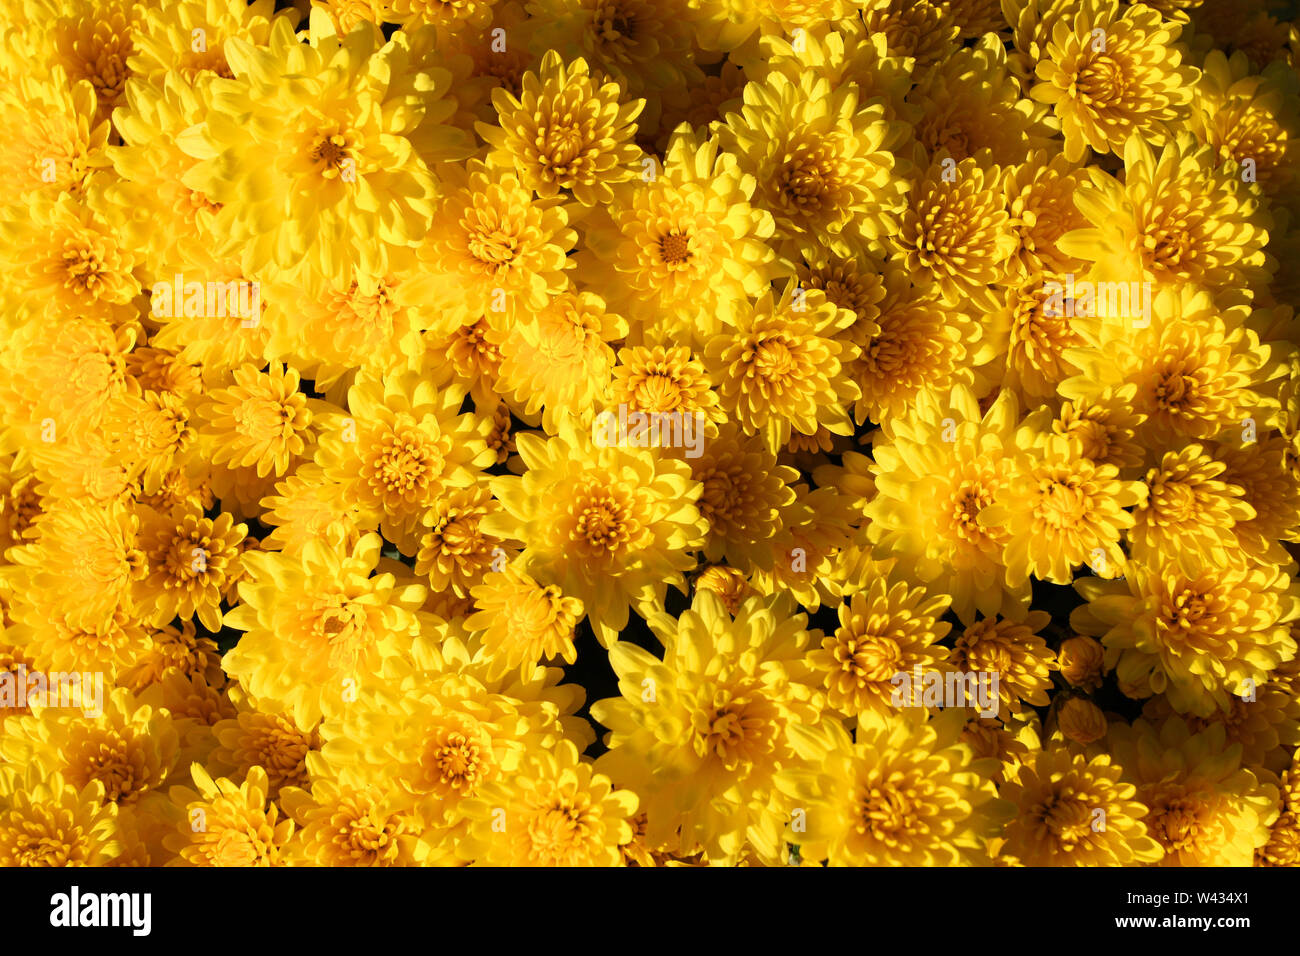 Fondo de flores de crisantemo amarillo Imagen De Stock